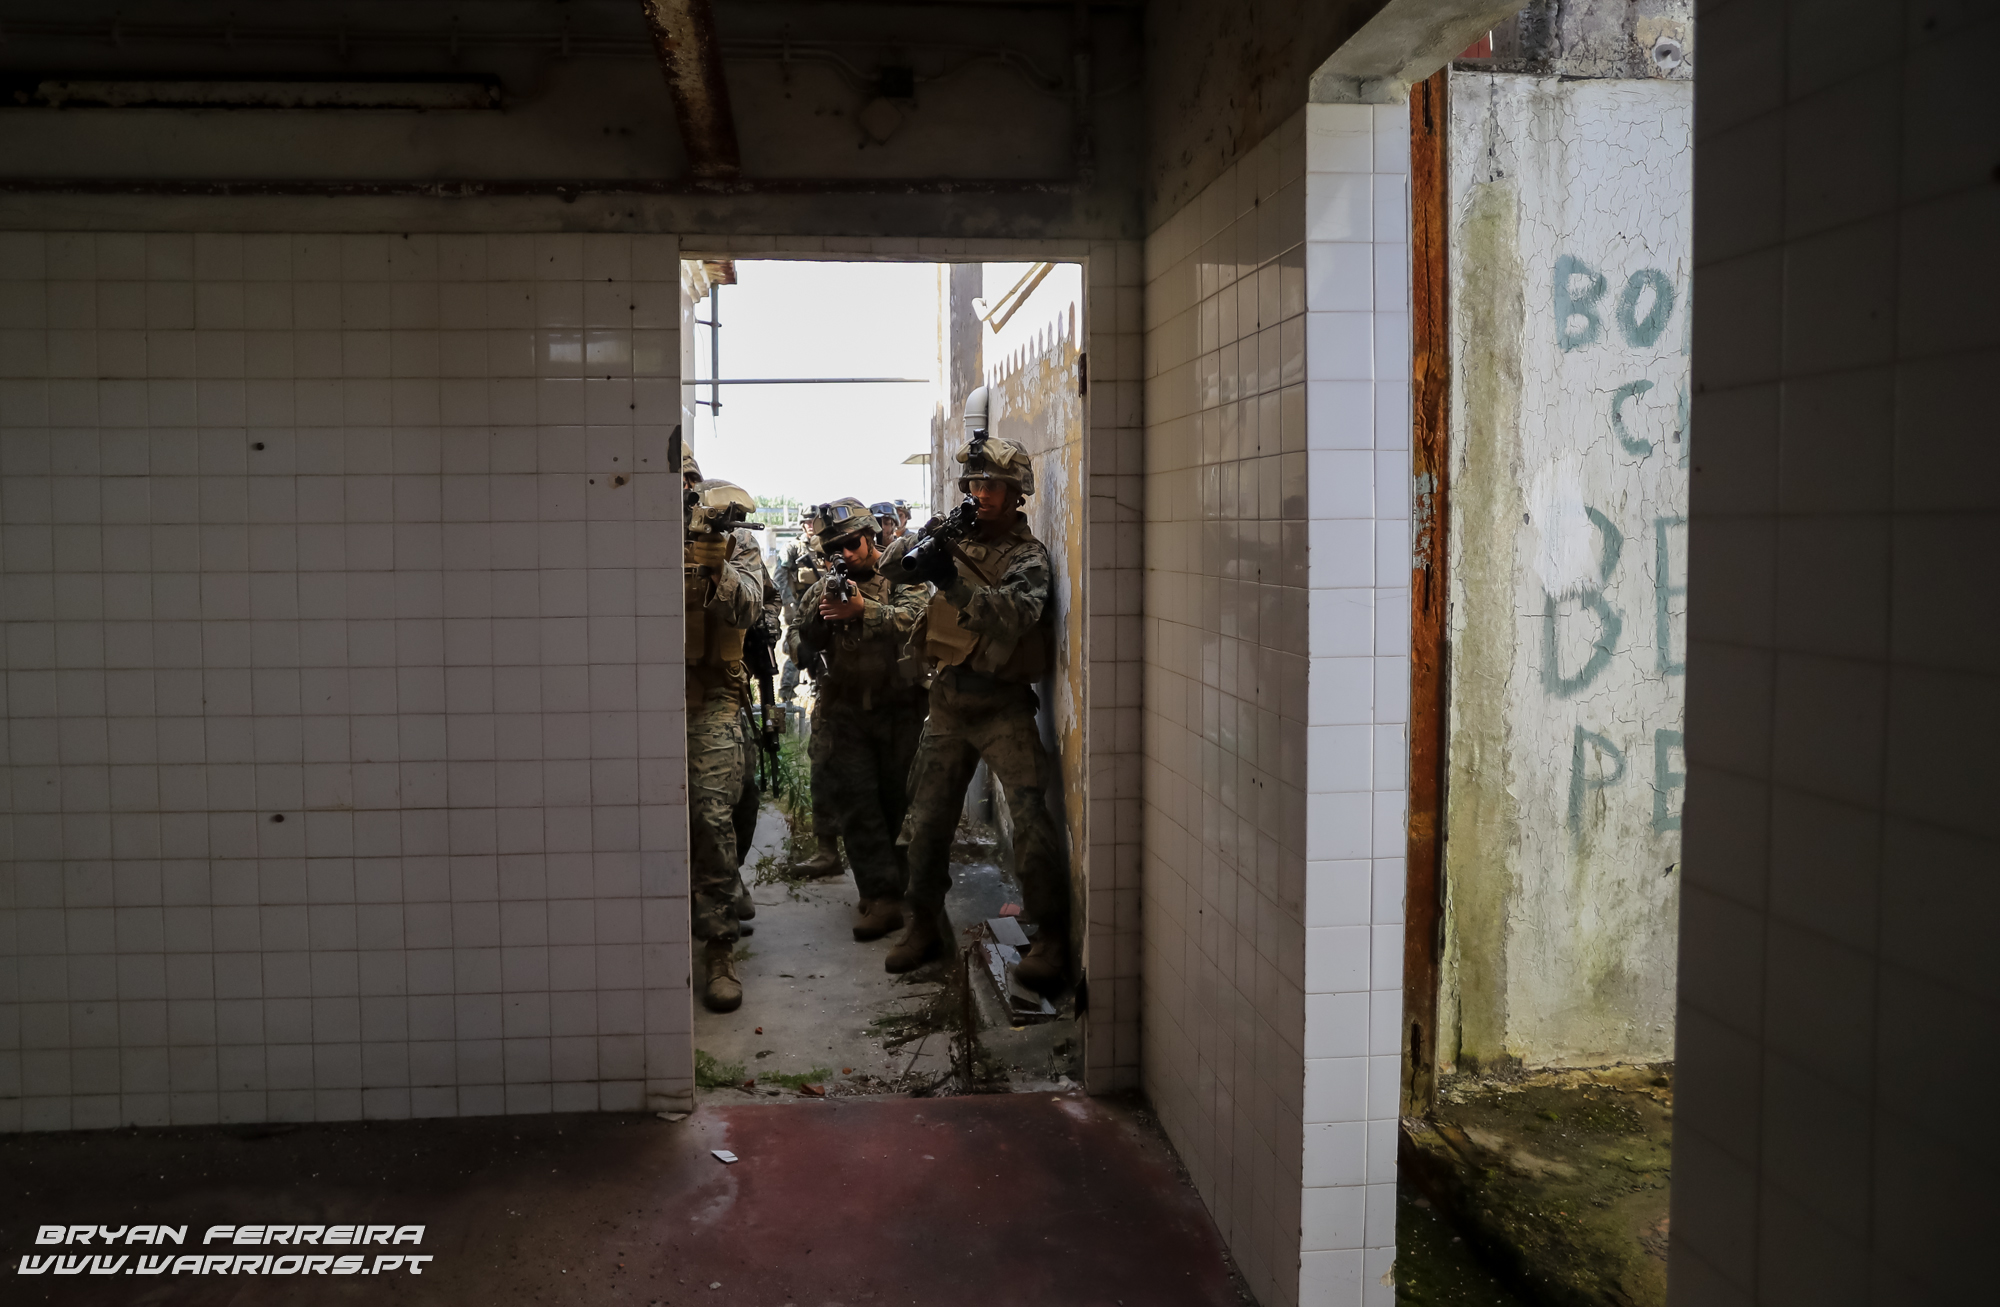 Secção de Marines prepara-se para entrar dentro de um edifício hostil.